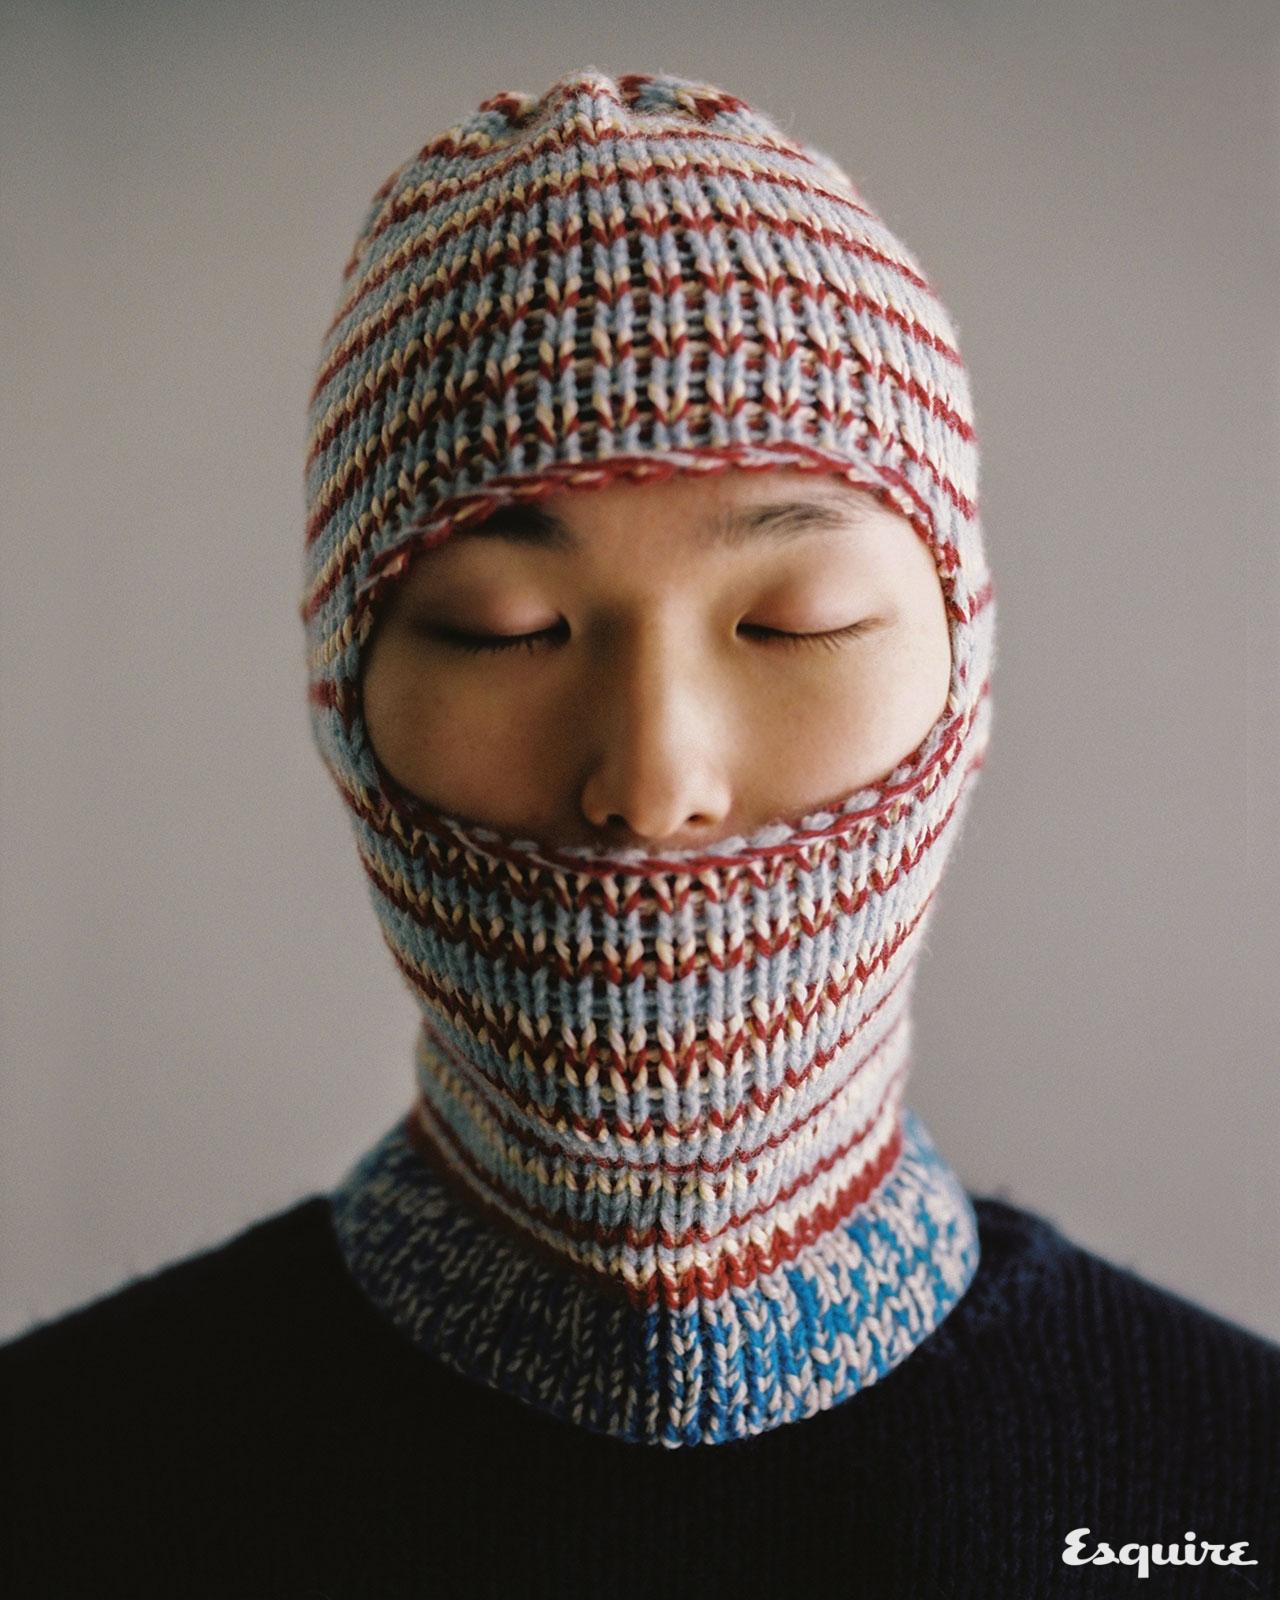 겨울이 오면 손이 가는, 감싸듯 입는 이런 옷.